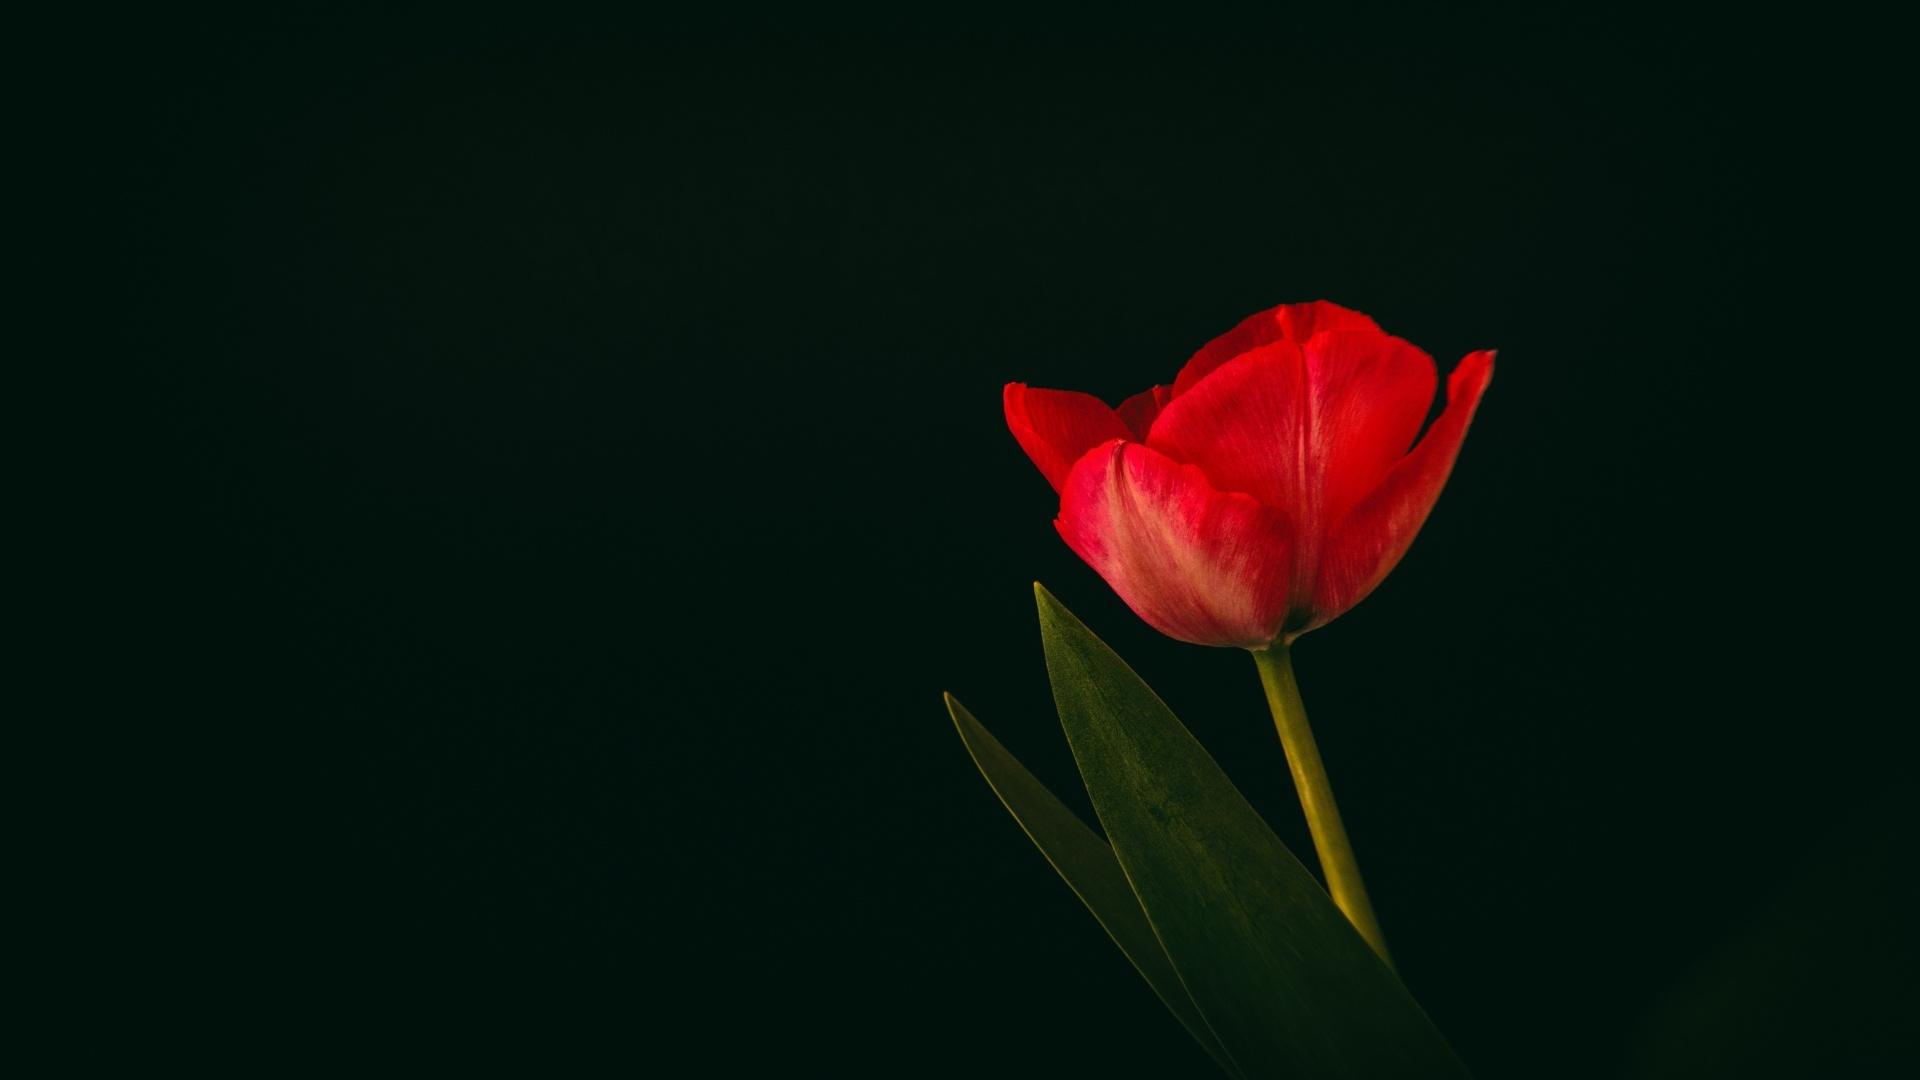 Tulip Minimalist HD Wallpaper